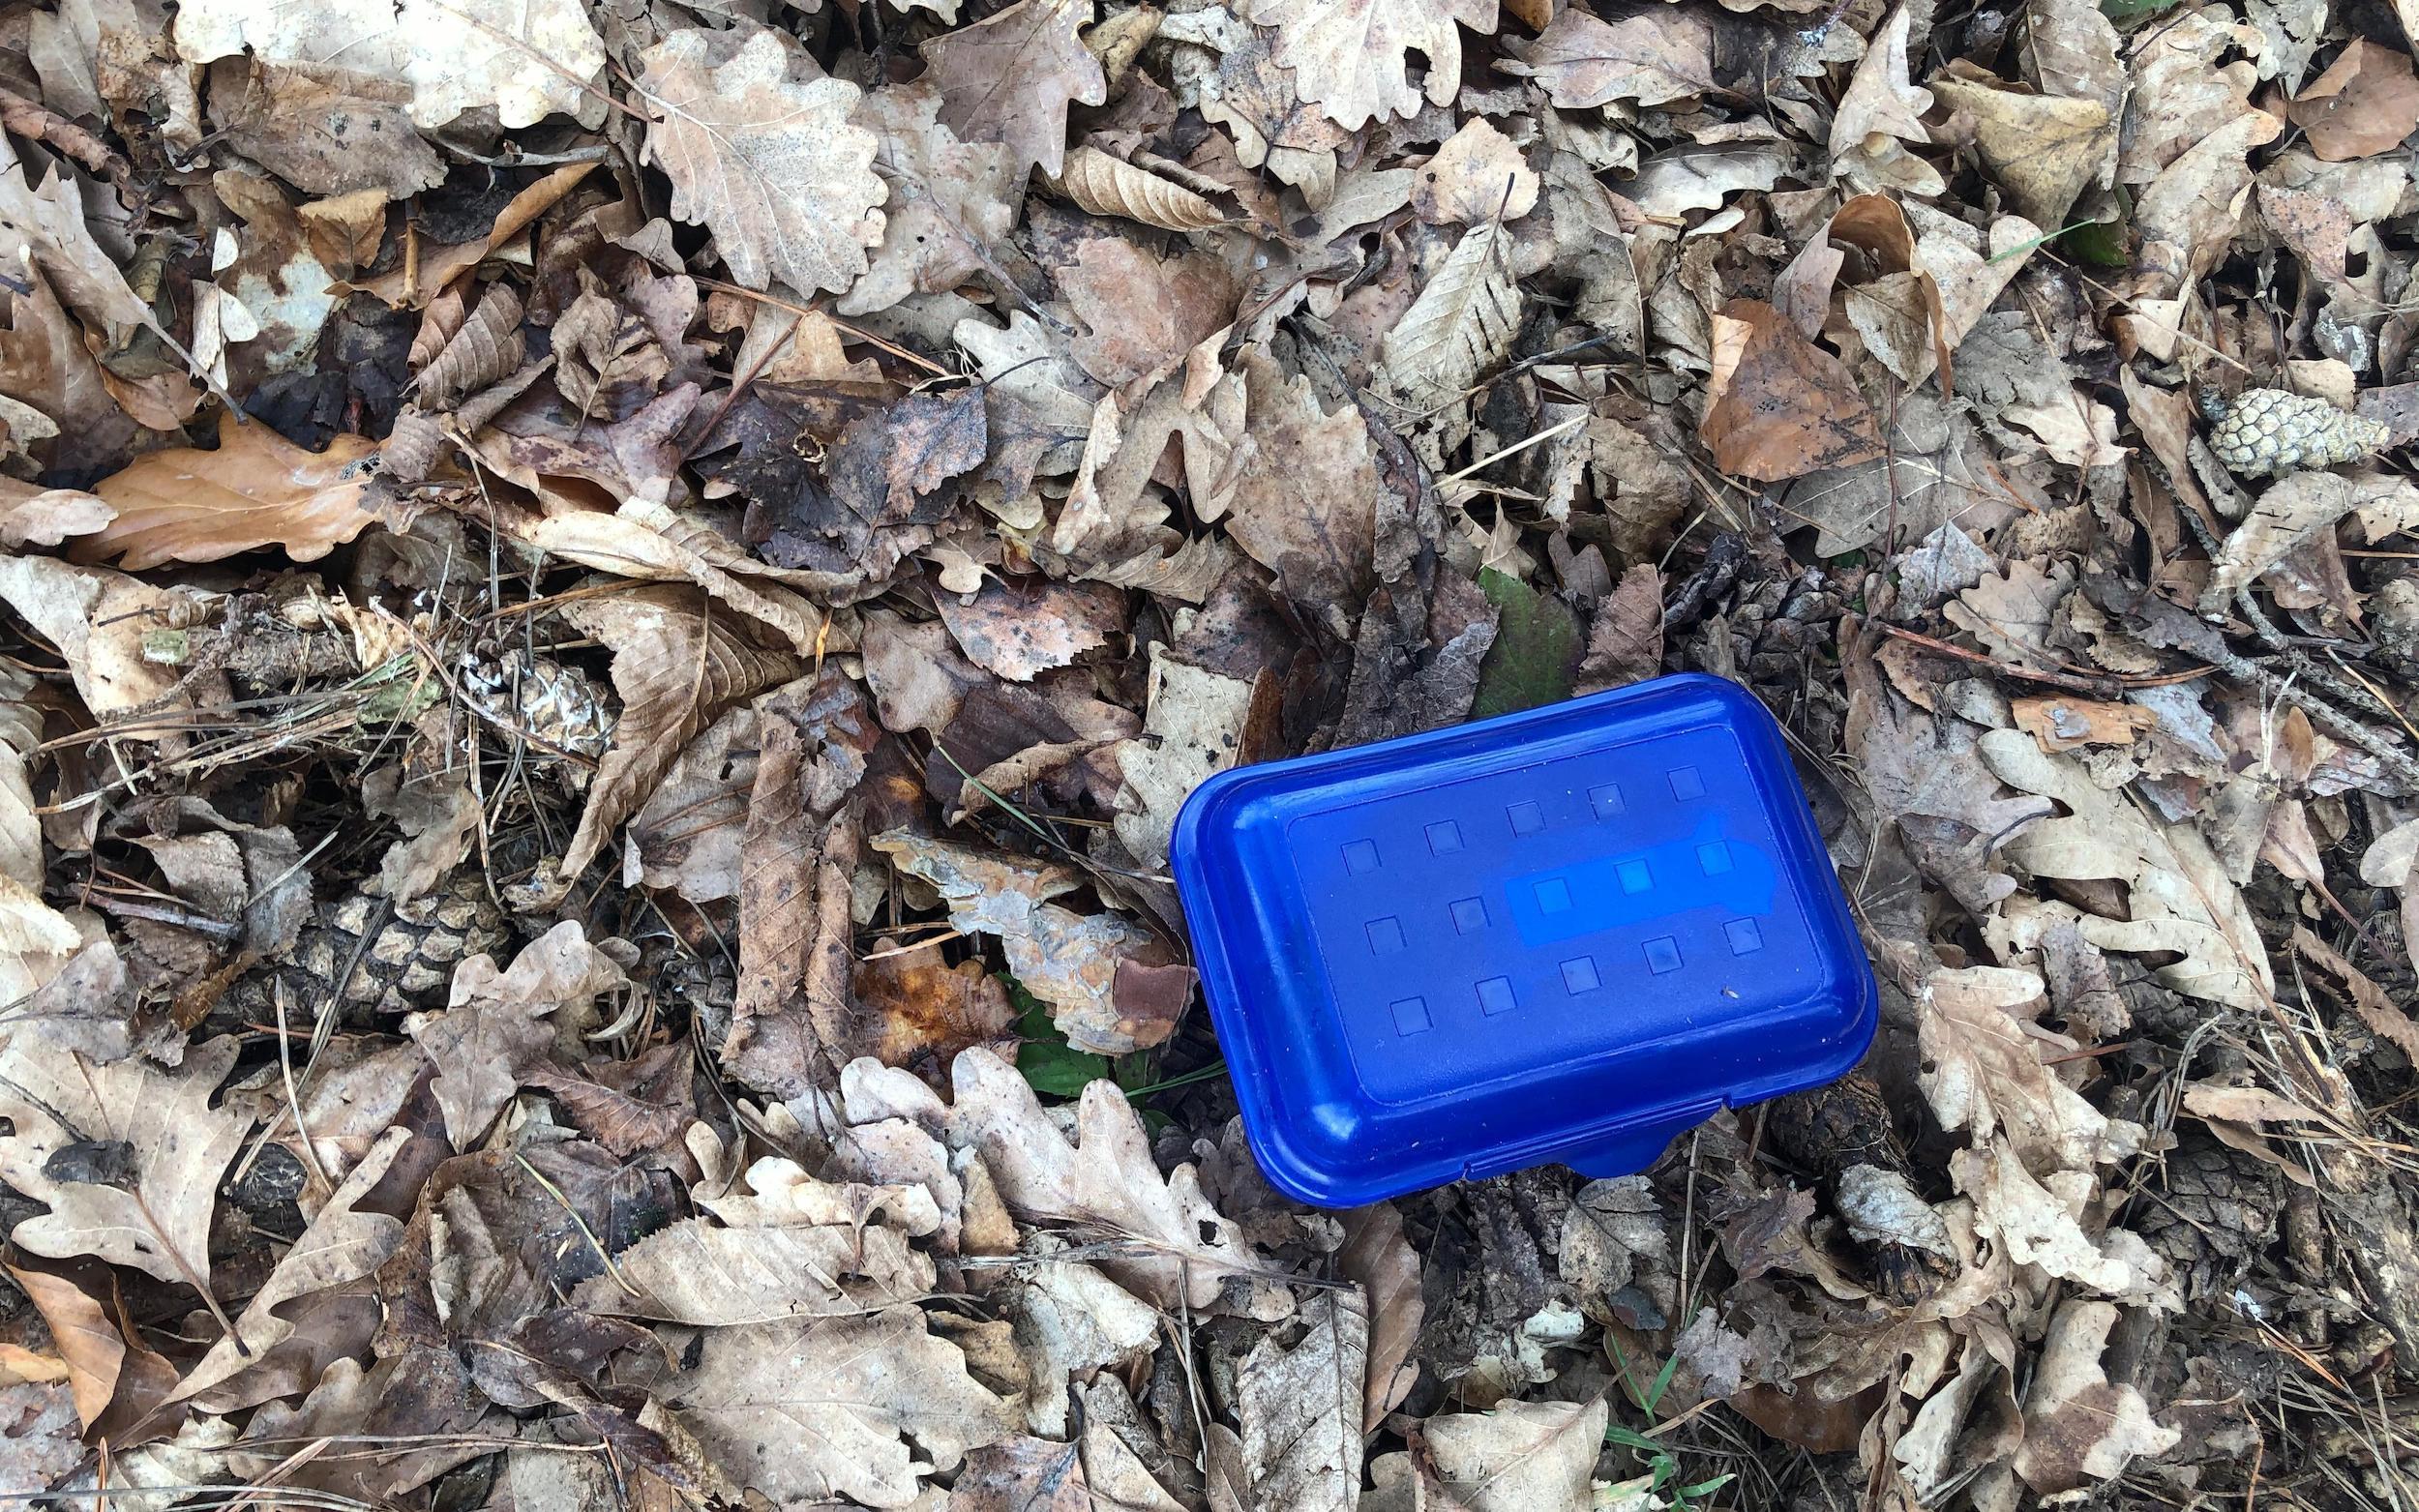 Beim Verstecken dieser Dose musste ich mich beeilen, da viele Muggel in der Nähe waren.